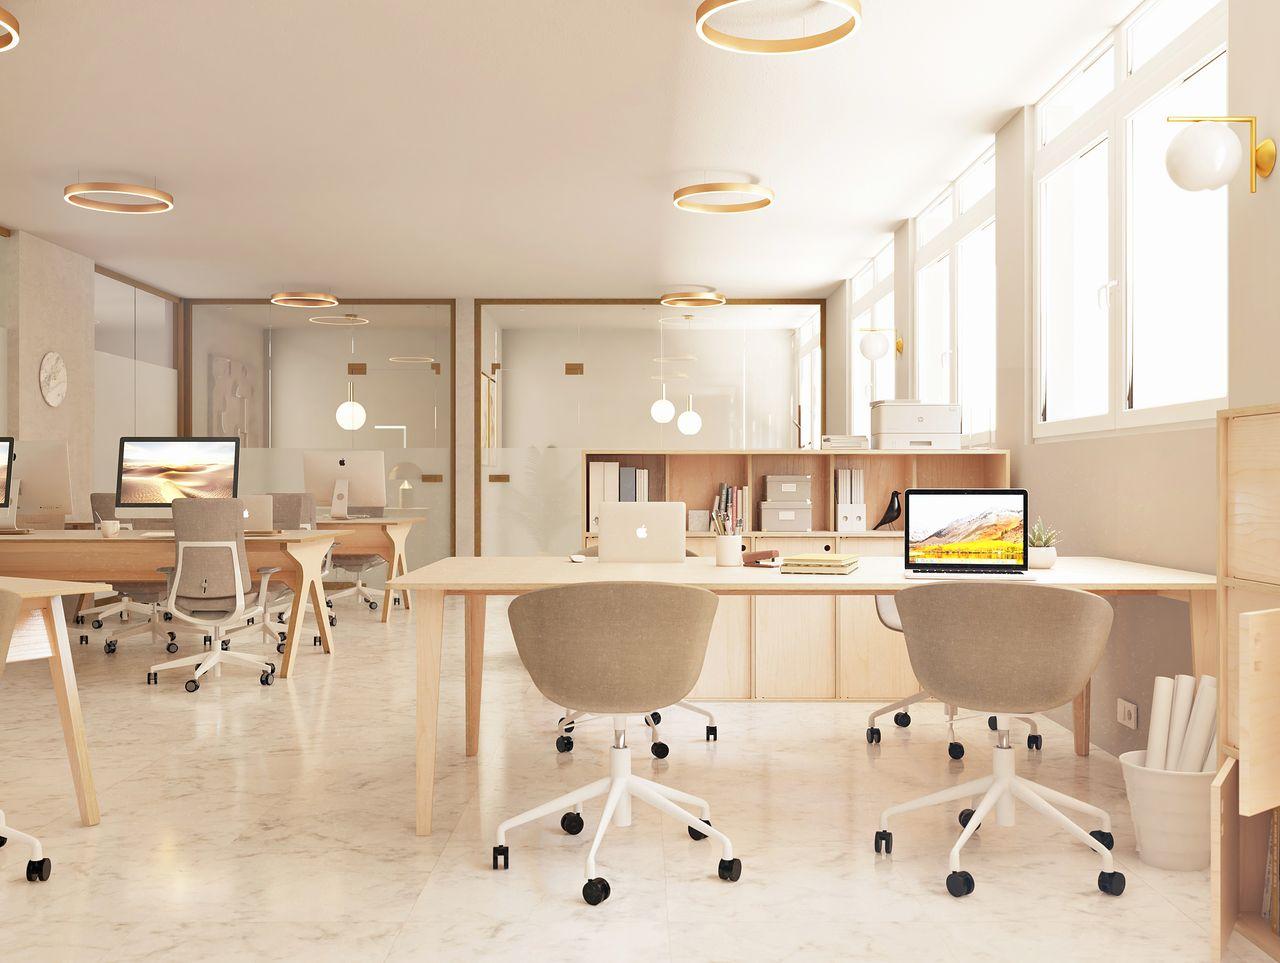 Bureau partagé dans un open space au style contemporain pour 4 à 6 personnes